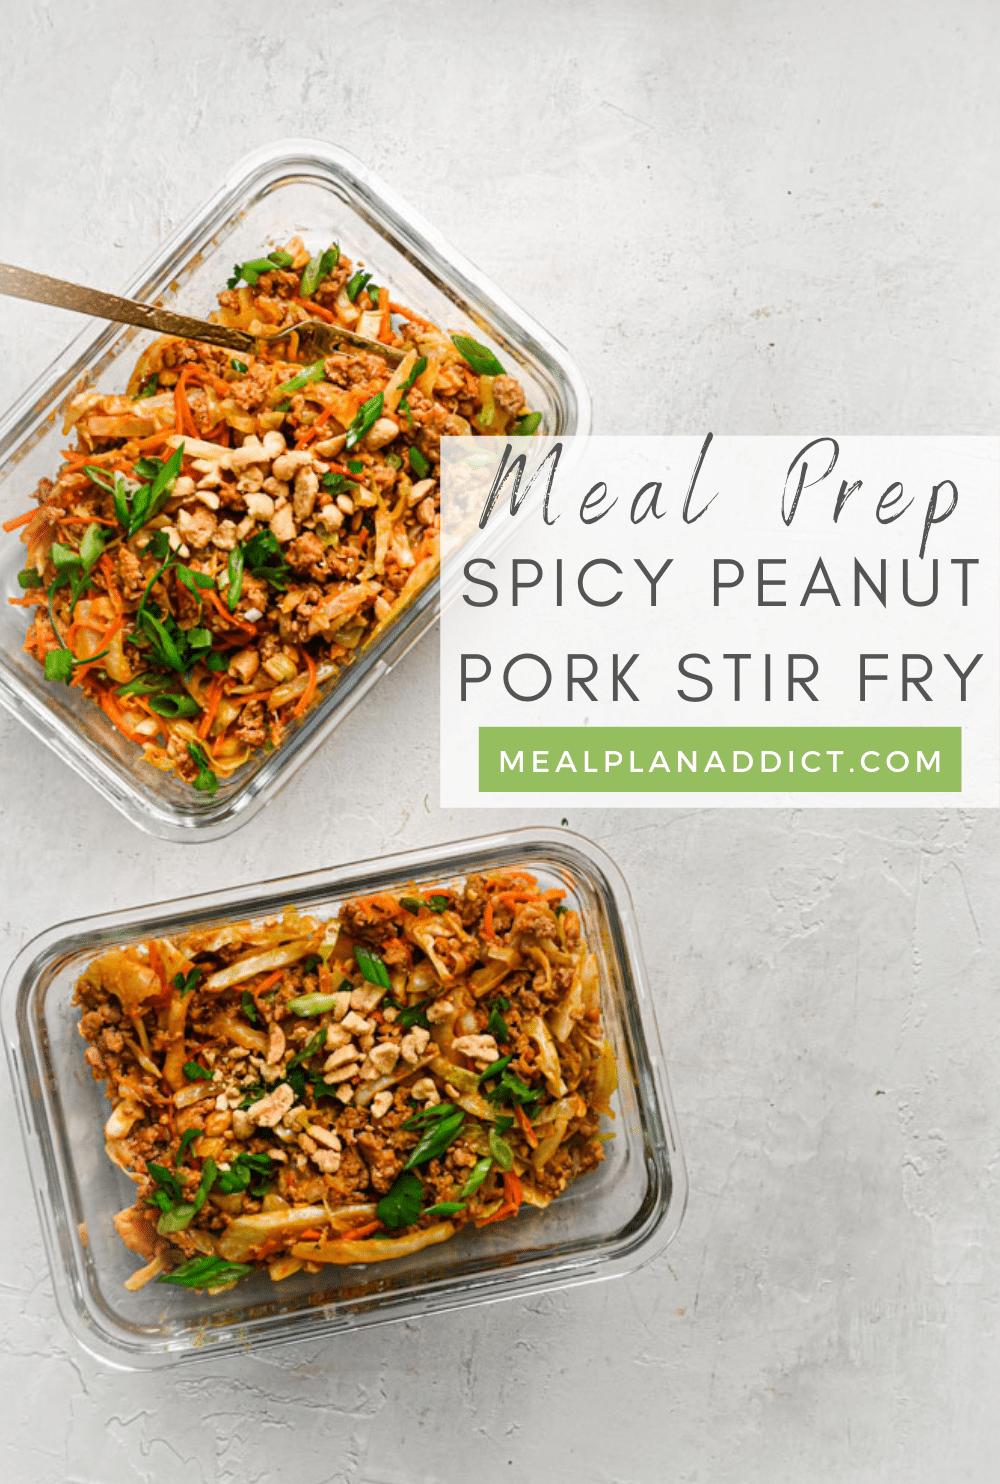 Meal Prep Spicy Peanut Pork Stir Fry